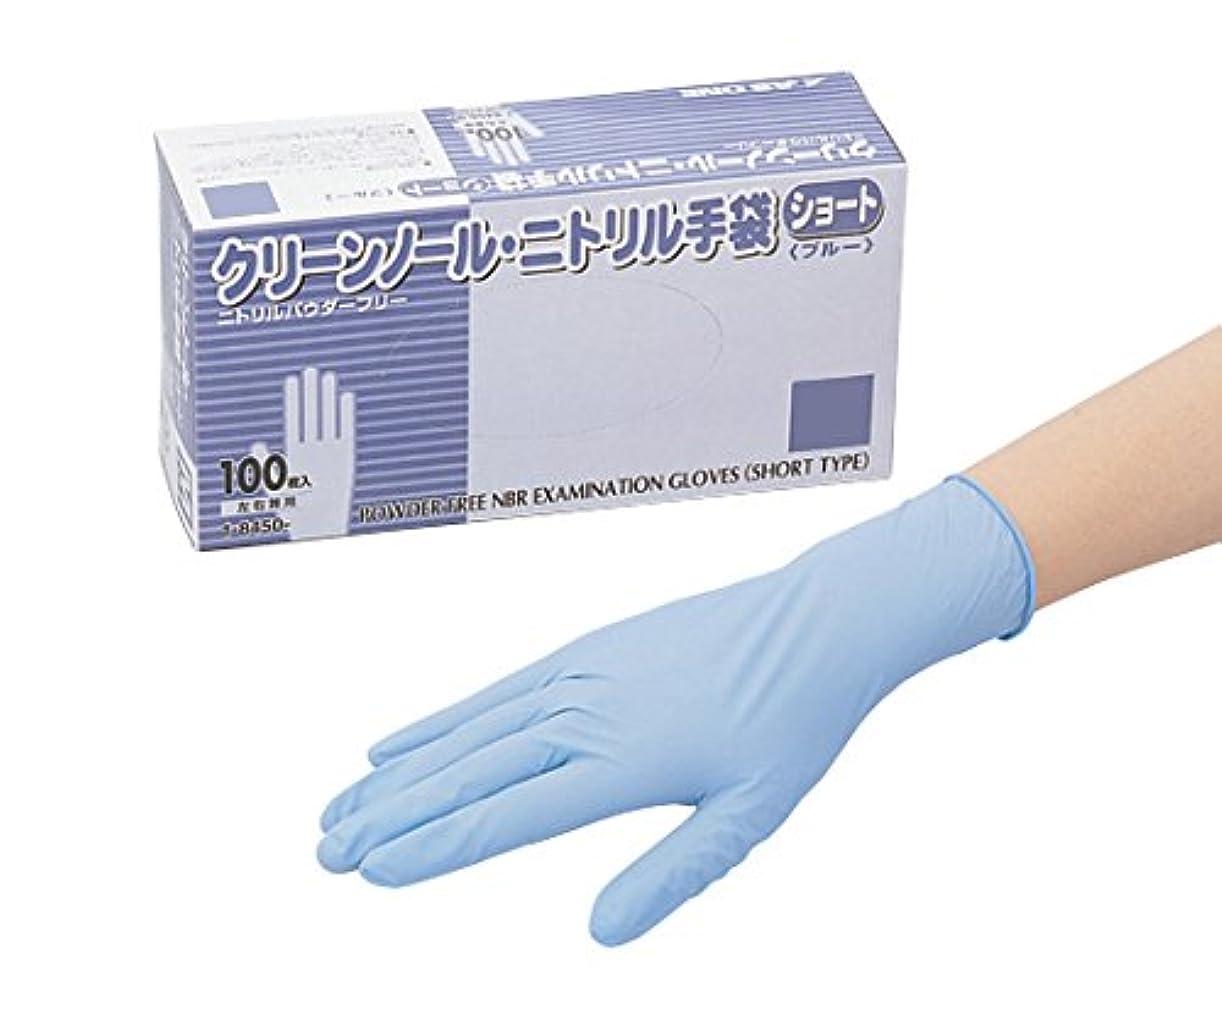 モネ大騒ぎ余計なアズワン1-8450-54クリーンノールニトリル手袋ショート(パウダーフリ-)ブルーSS1000枚入